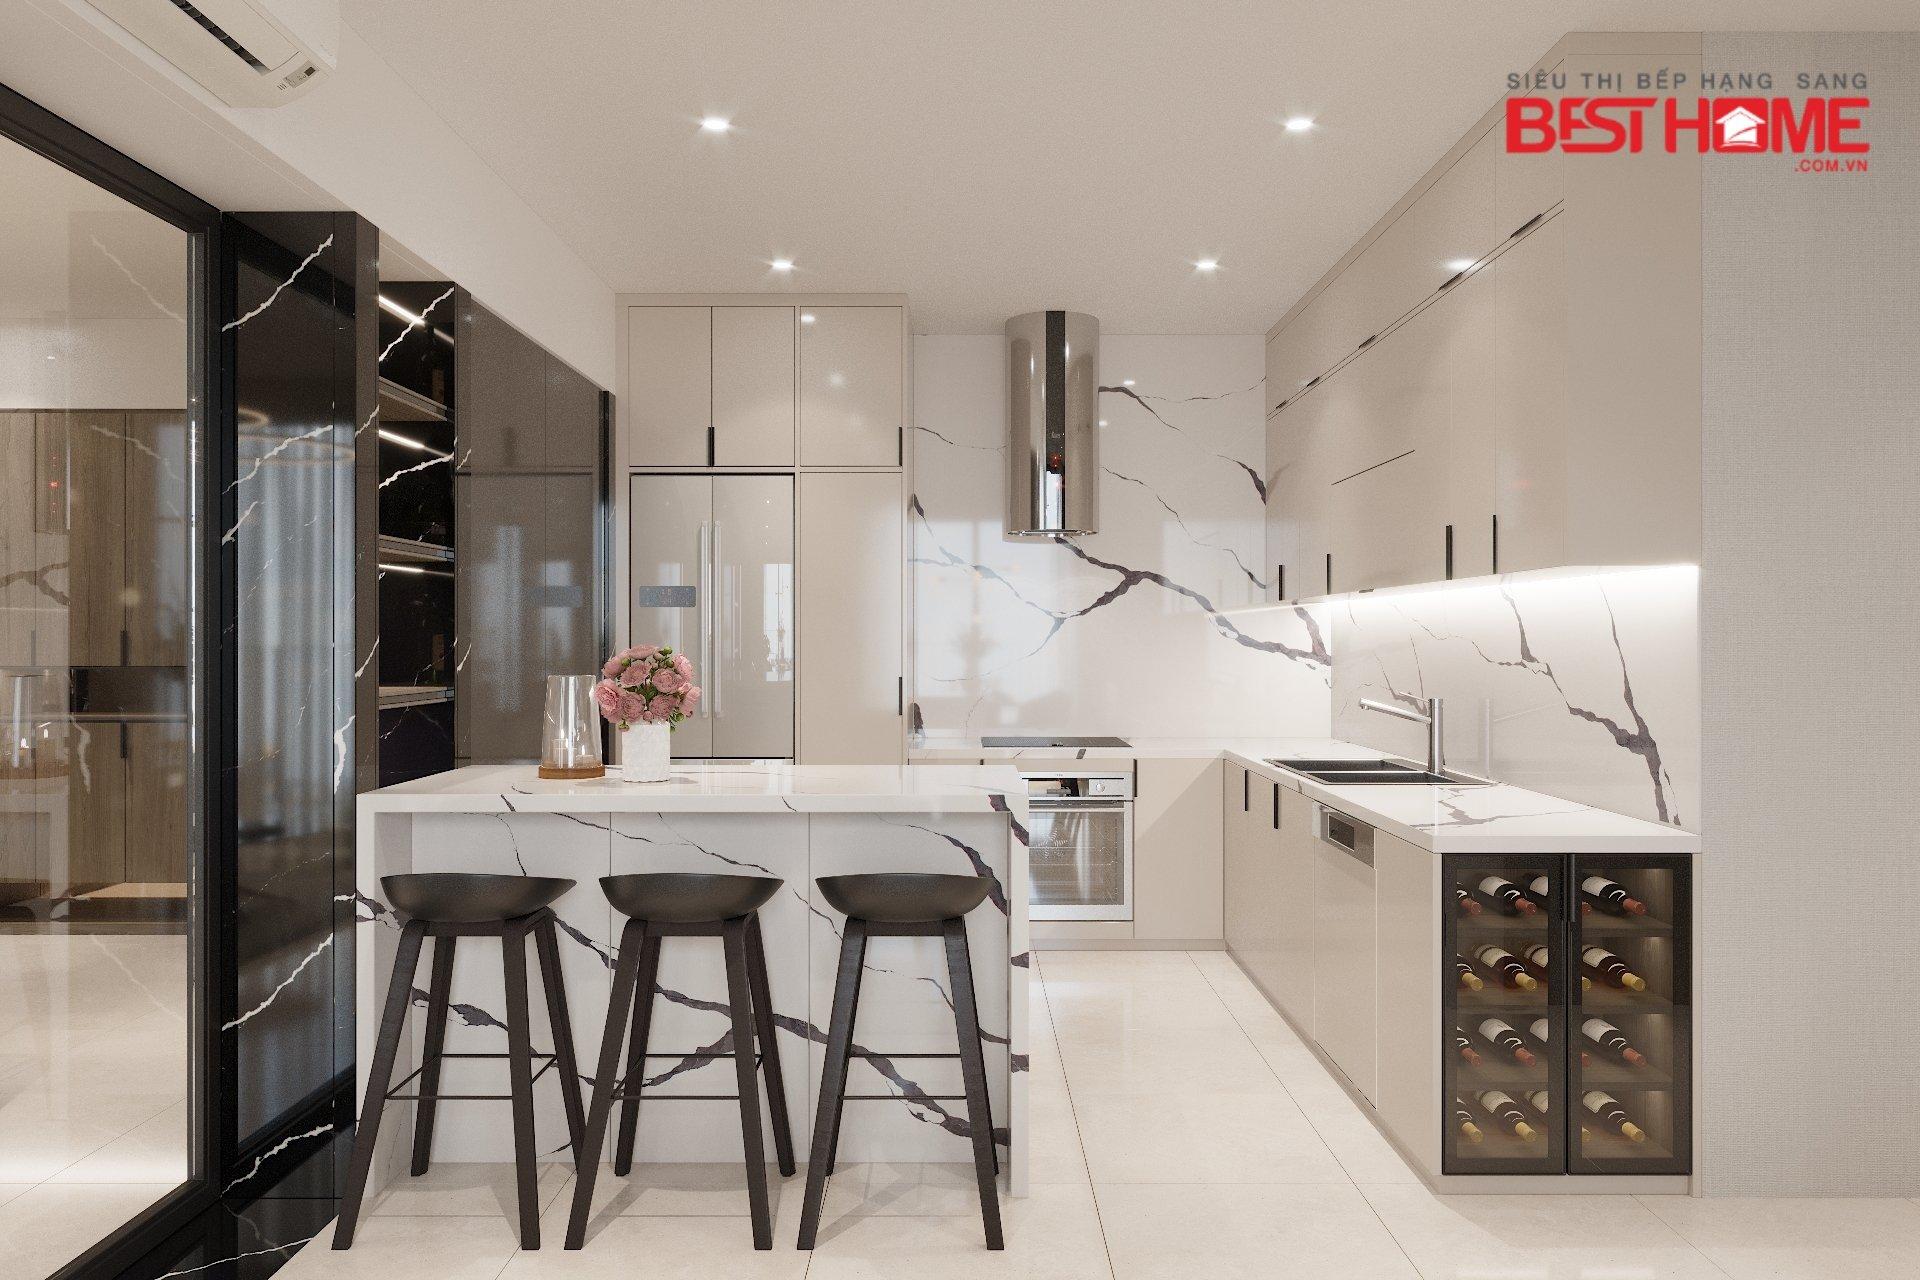 Làm sao để biến căn hộ chung cư tầm thường trở thành một không gian Sang Trọng Đẳng Cấp khiến người người ao ước